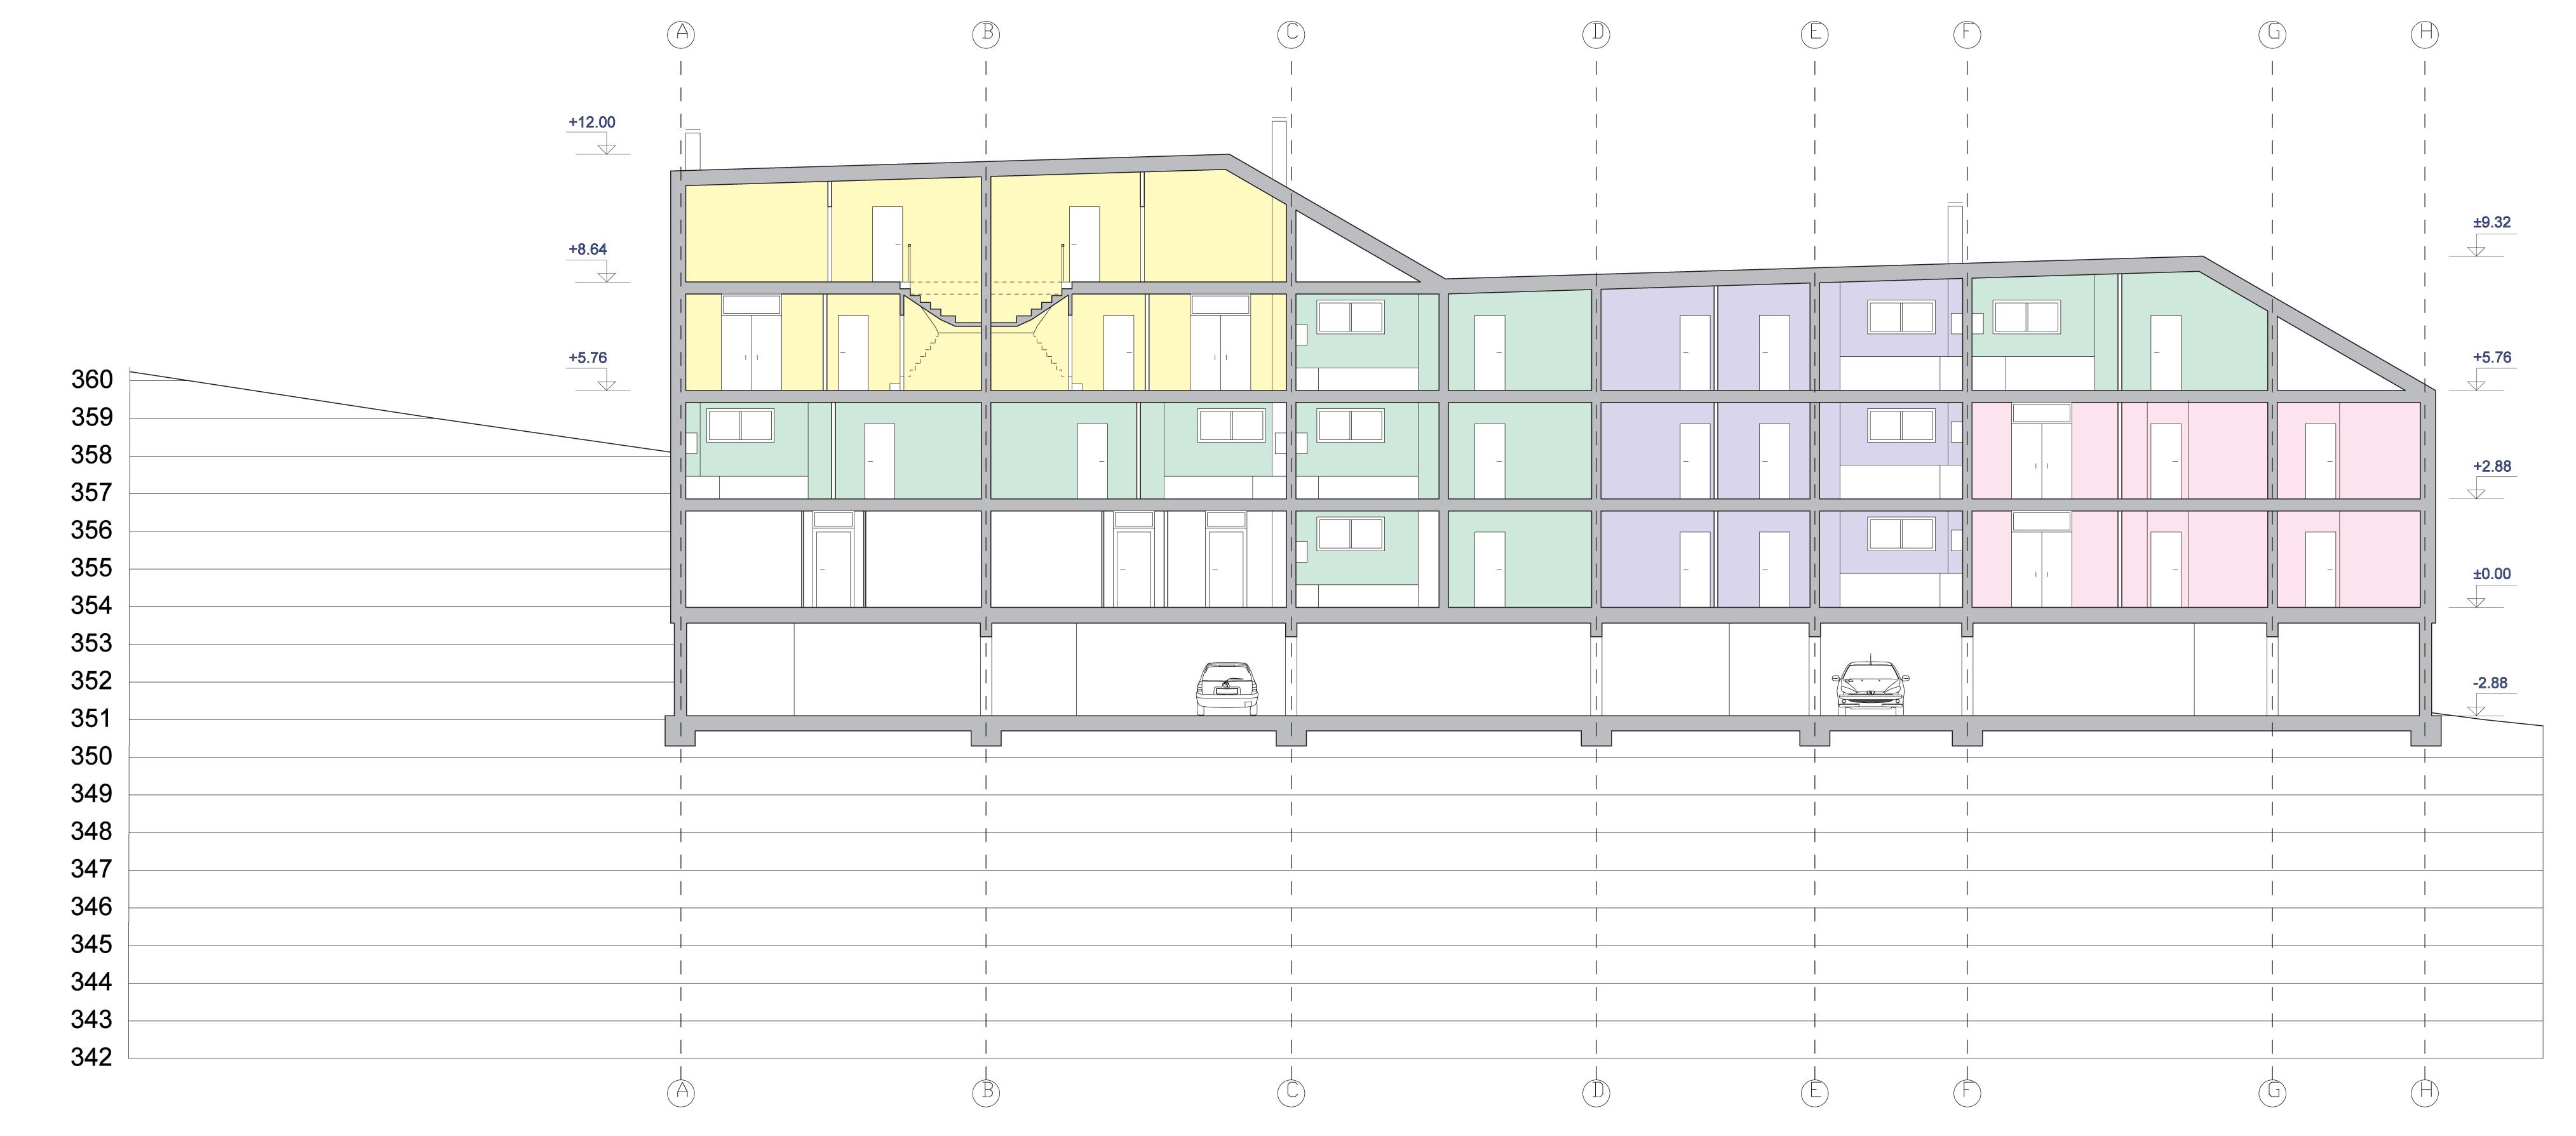 Raumplanung, Architektur, Ingrid Eberl, Wettbewerb Hausmannstätten